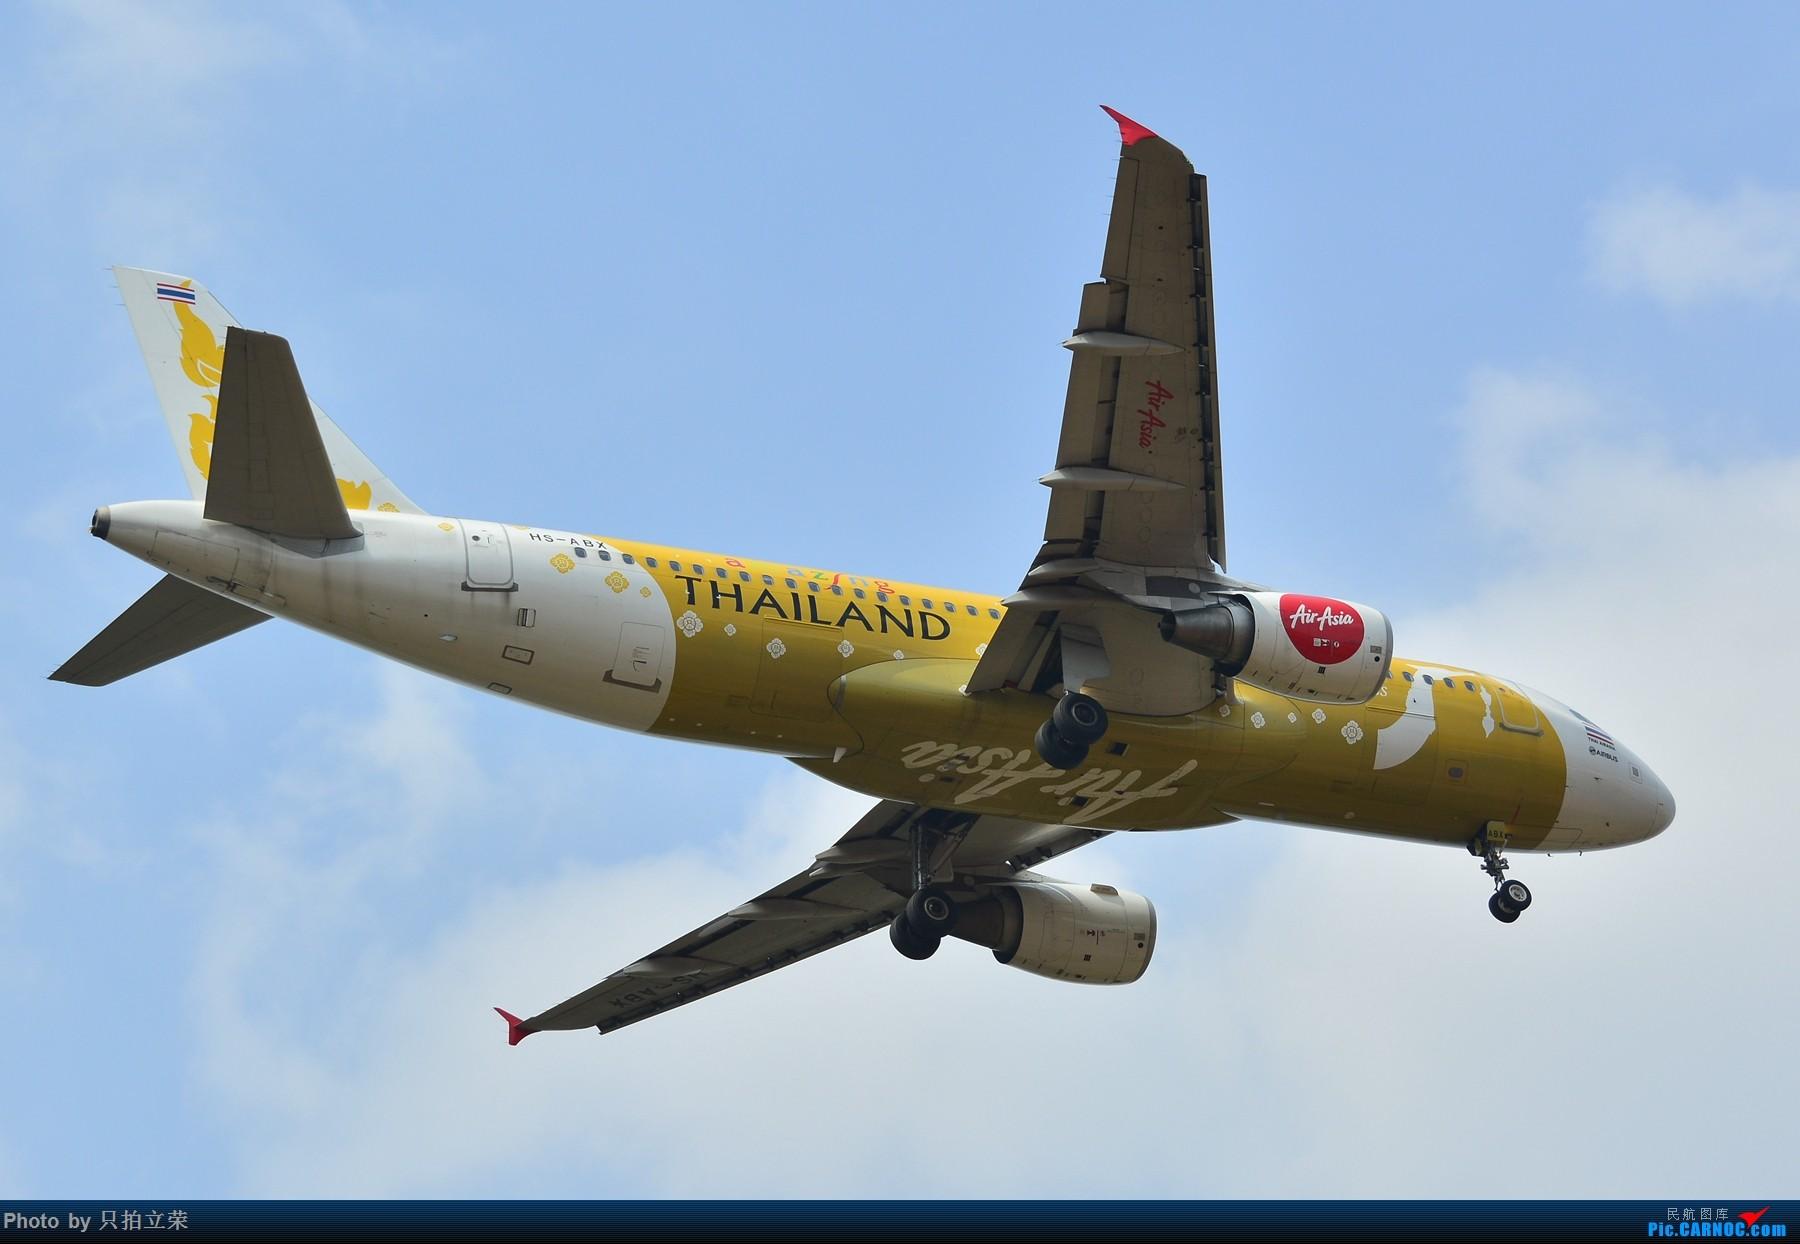 Re:[原创]湖南飞友会之10月9日长沙黄花好货满天飞! AIRBUS A320 HS-ABX 中国长沙黄花国际机场